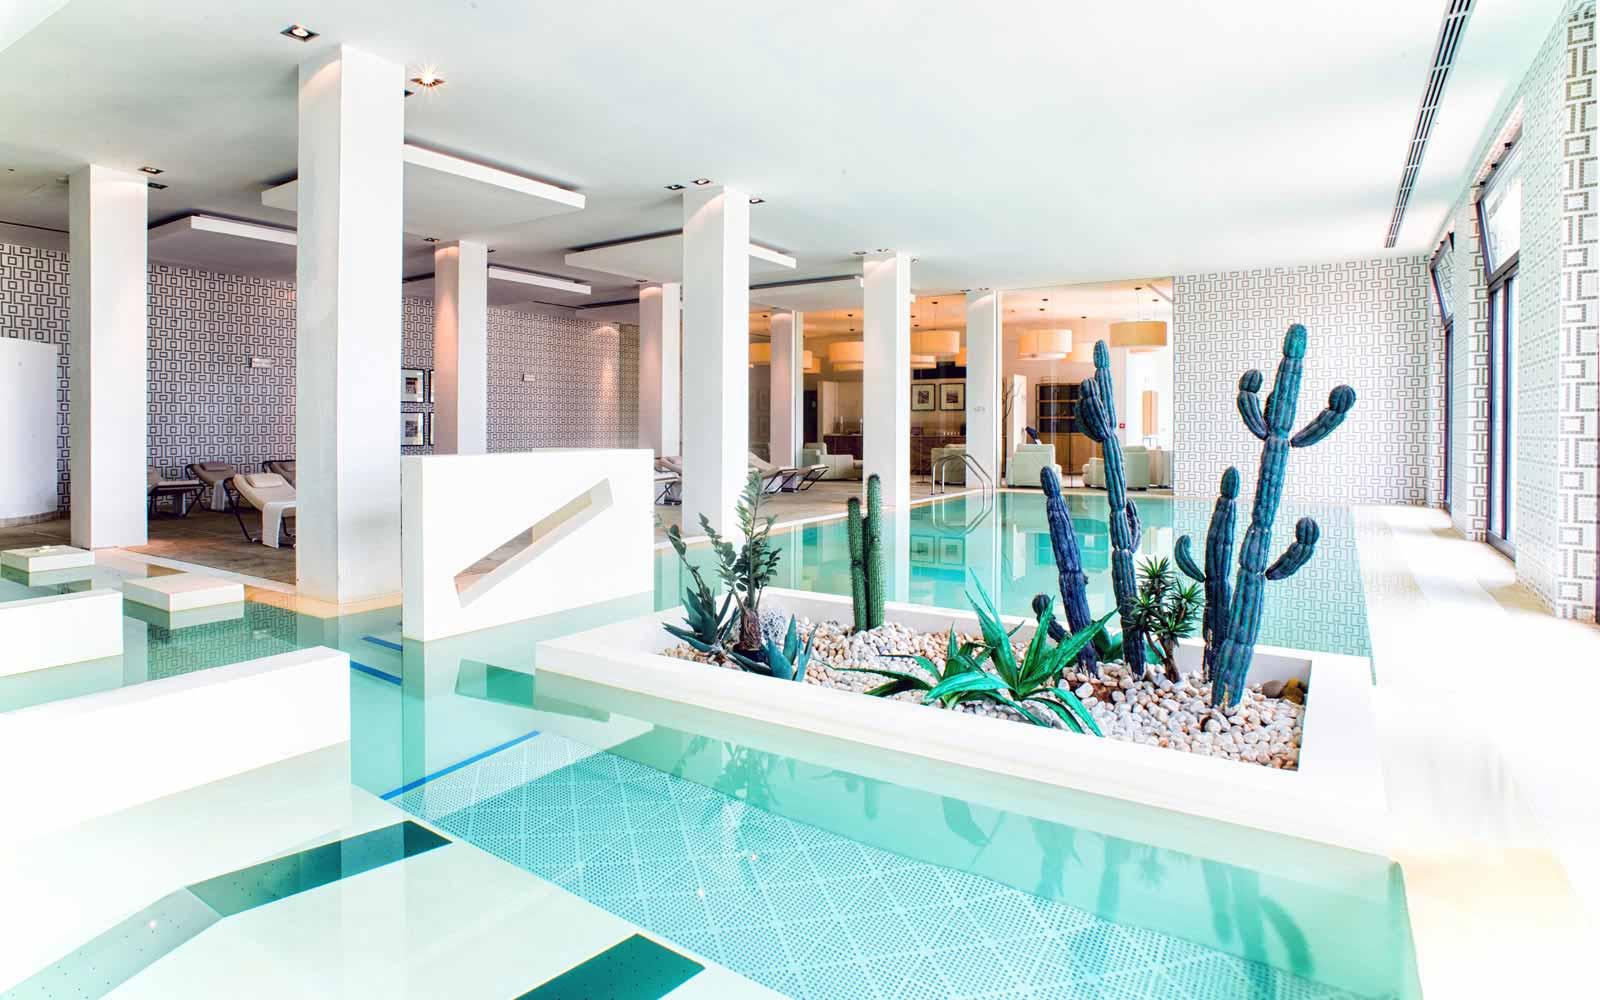 Spa pools at Donnafugata Golf Resort & Spa